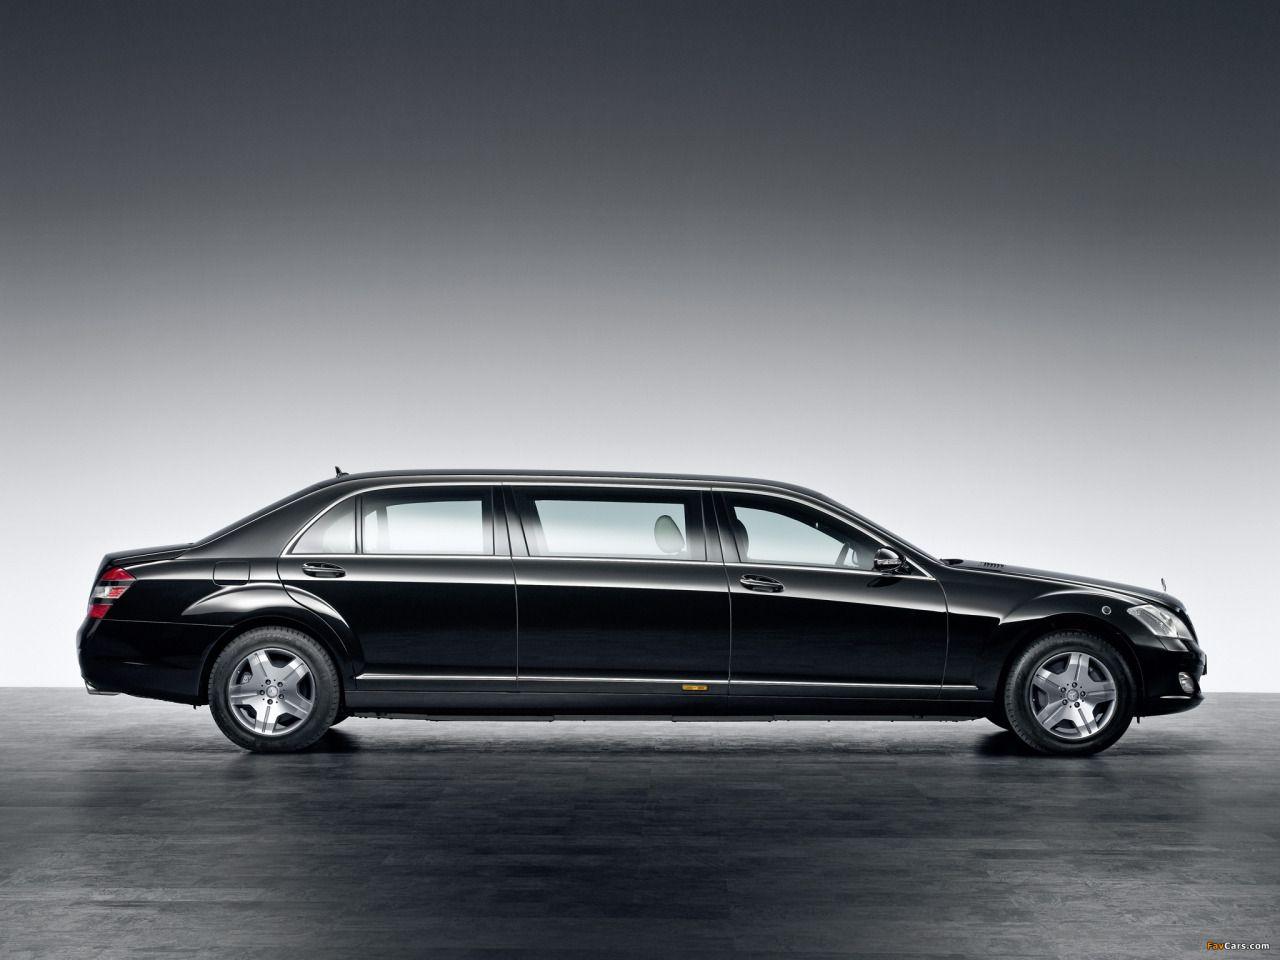 2008 mercedes benz s600 w221 pullman guard limousine merc benz rh pinterest com